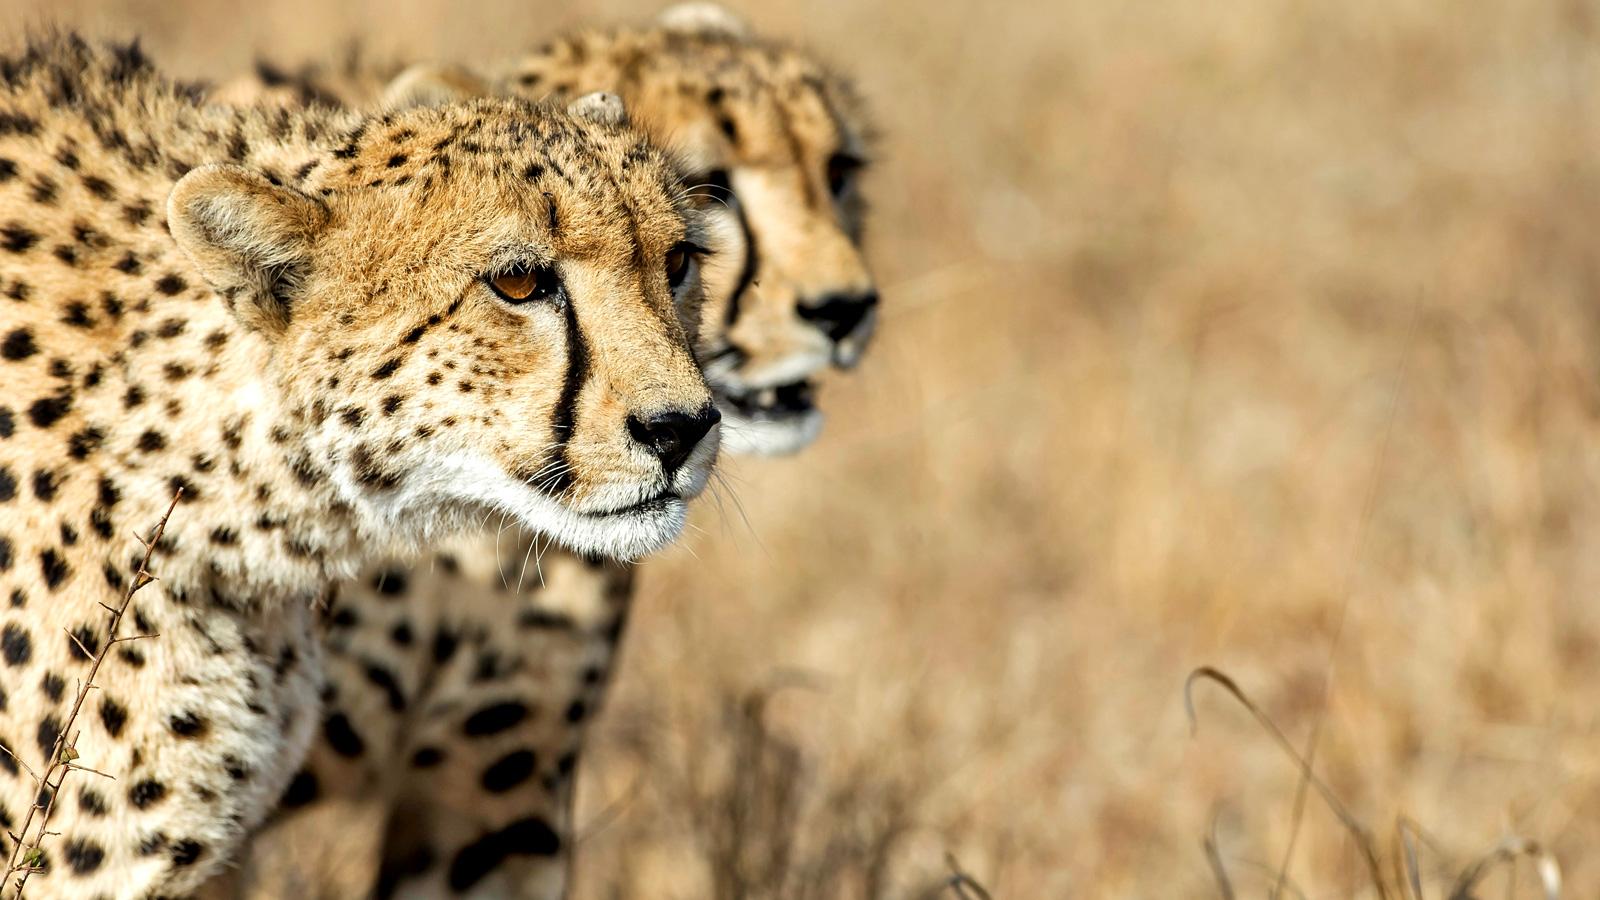 Safari Okavango Delta Botswana Afrika Erlebnisreise in Kleingruppe travelejunkies